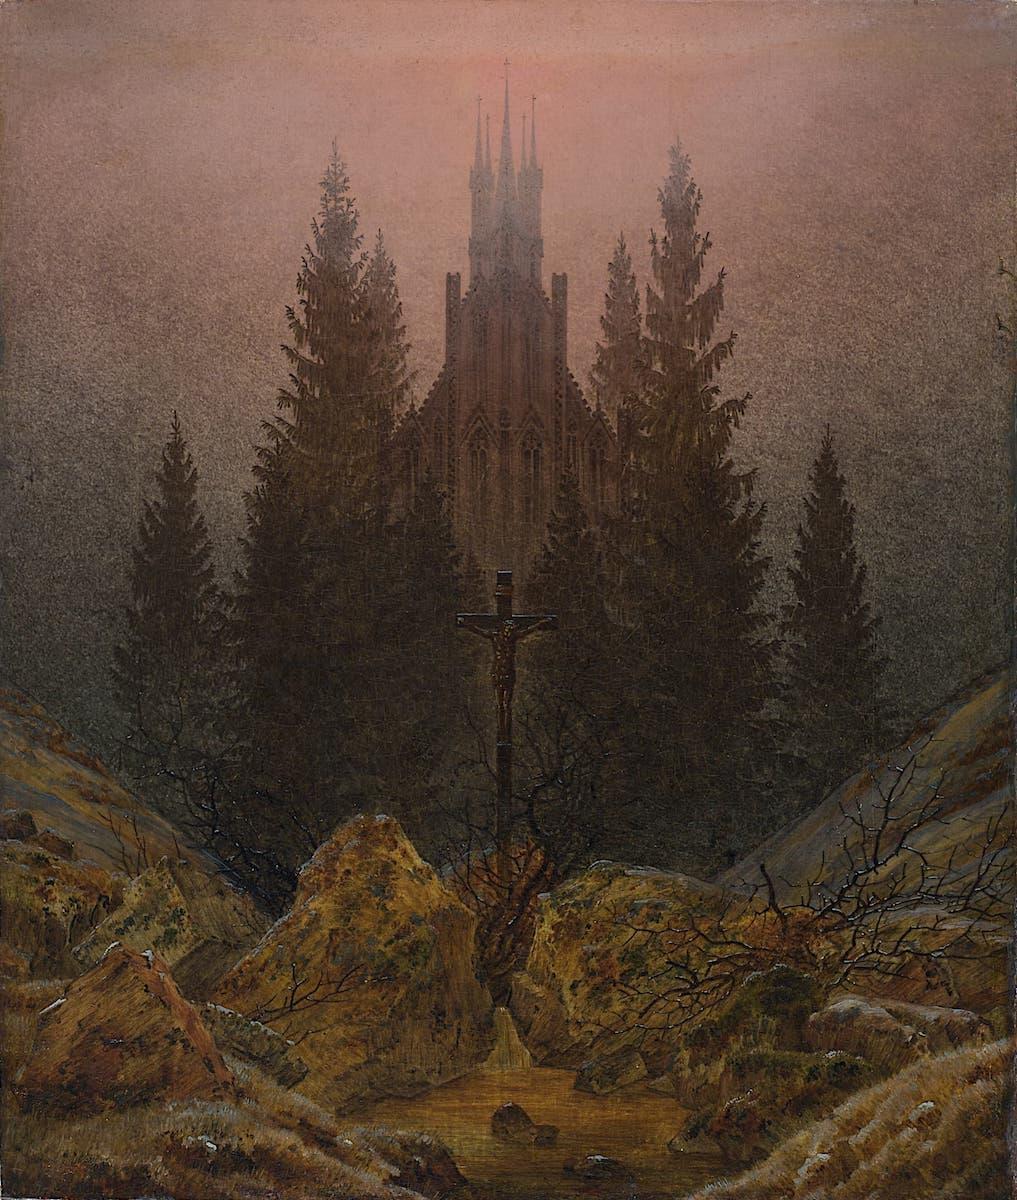 Bild: Caspar David Friedrich - Kreuz im Gebirge, um 1812, Kunstpalast Düsseldorf, Foto: Horst Kolberg - Artothek